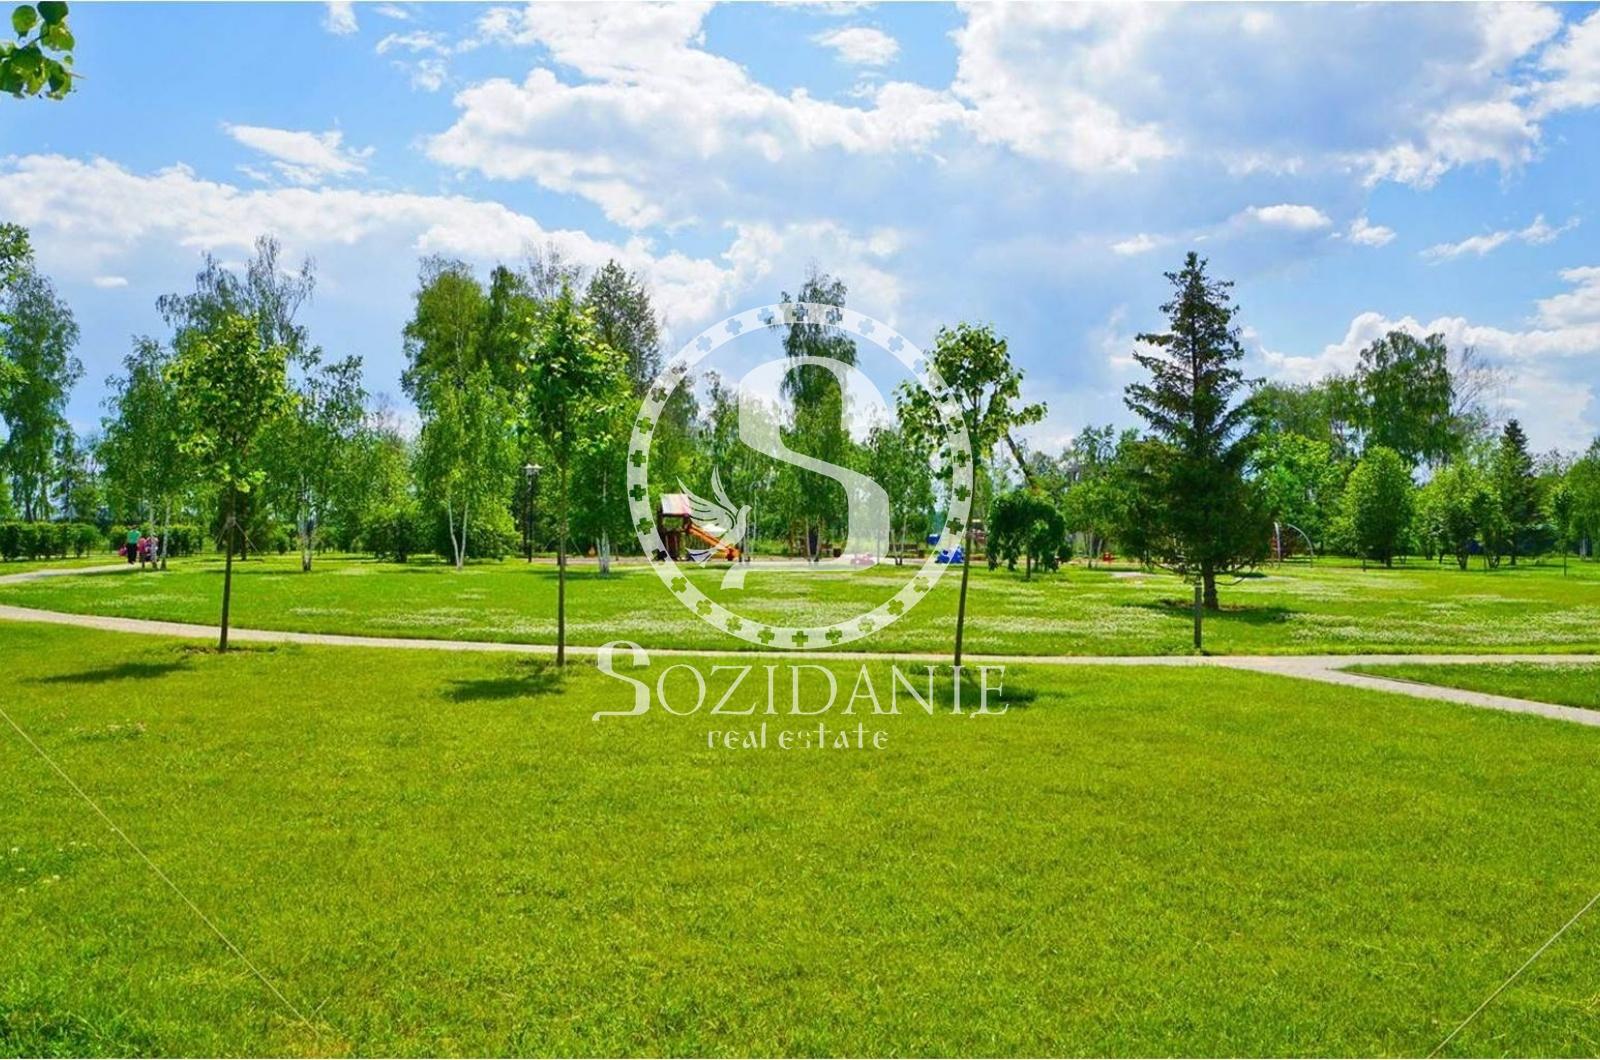 3 Bedrooms, Загородная, Продажа, Listing ID 1492, Московская область, Россия,